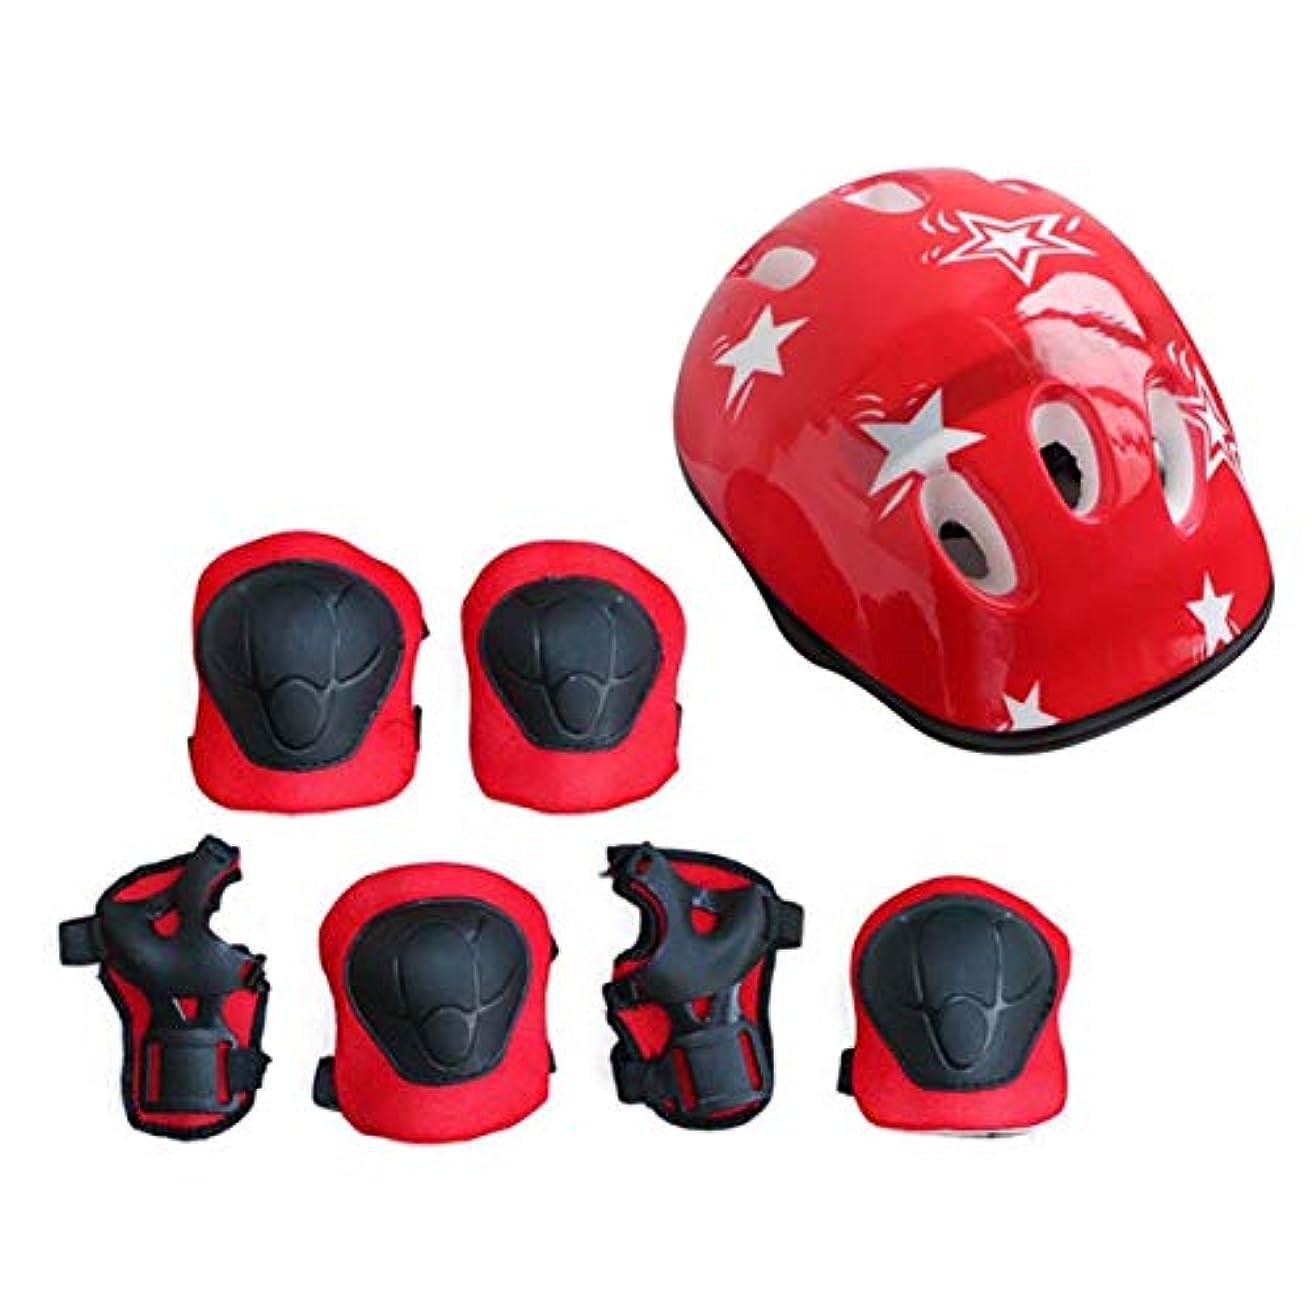 シンプトンピンポイント肩をすくめる7PCS / SETユニバーサル子供キッズ保護ギアセット快適なスクータースケートローラーサイクリング膝パッド肘パッドセット-赤